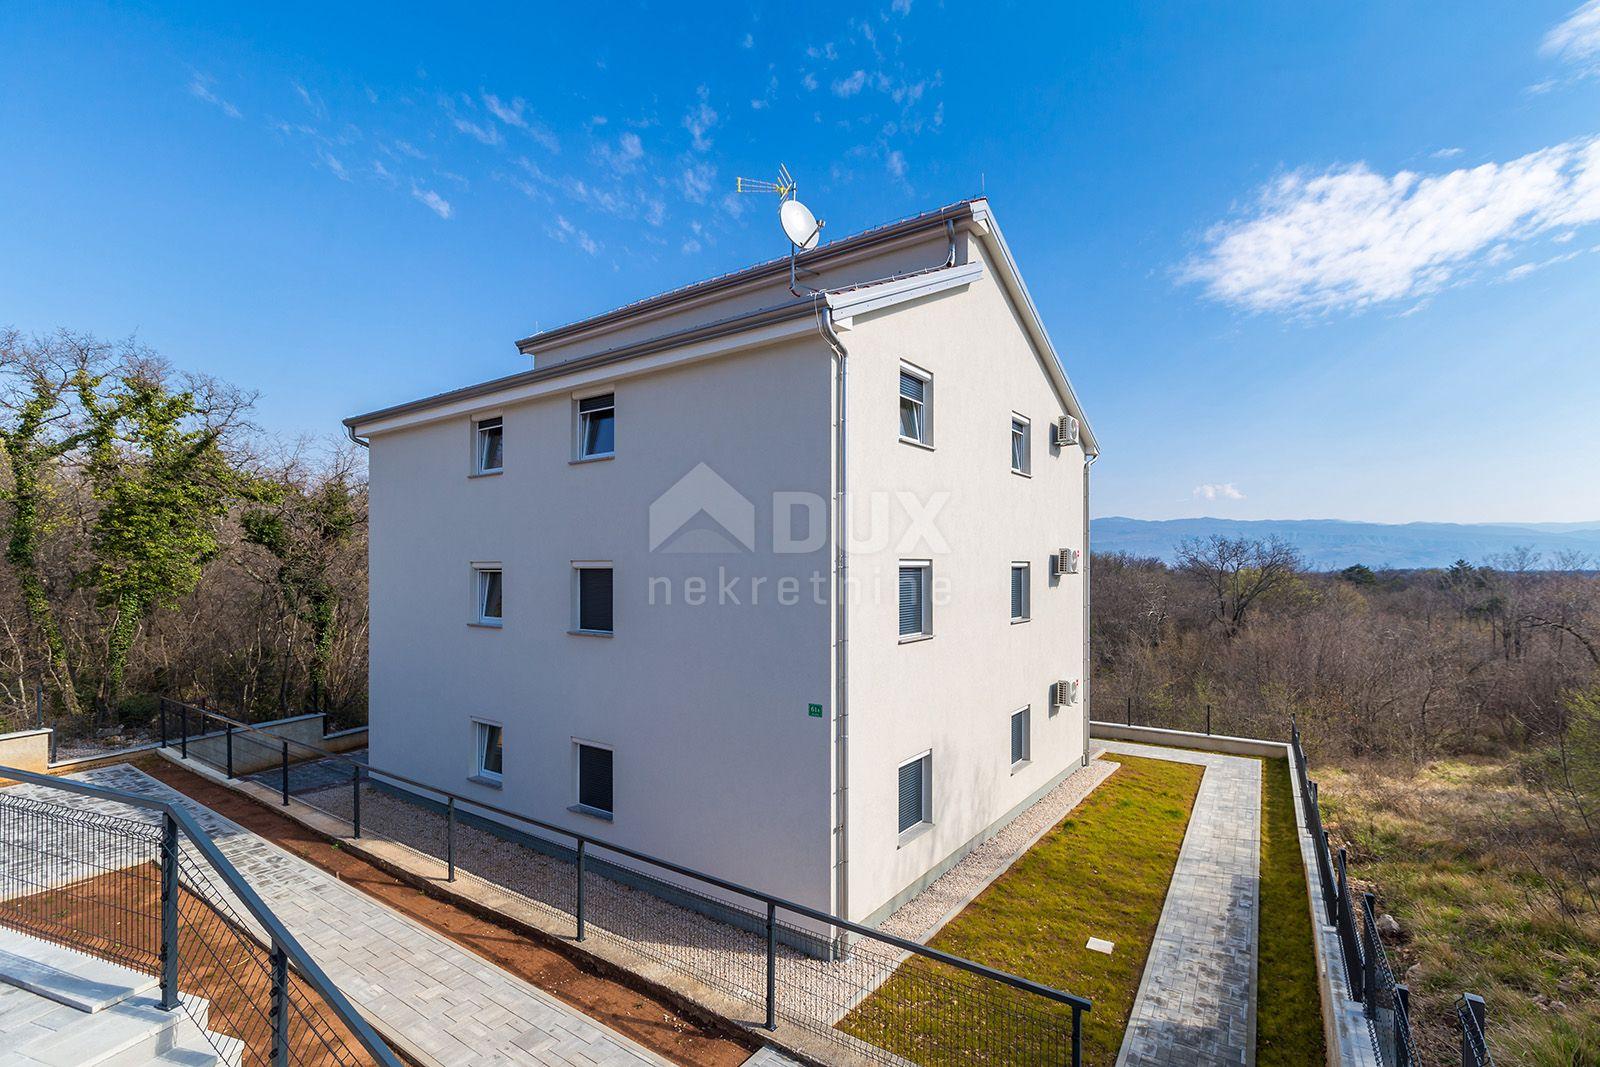 Appartamento Hlapa, Dobrinj, 47m2